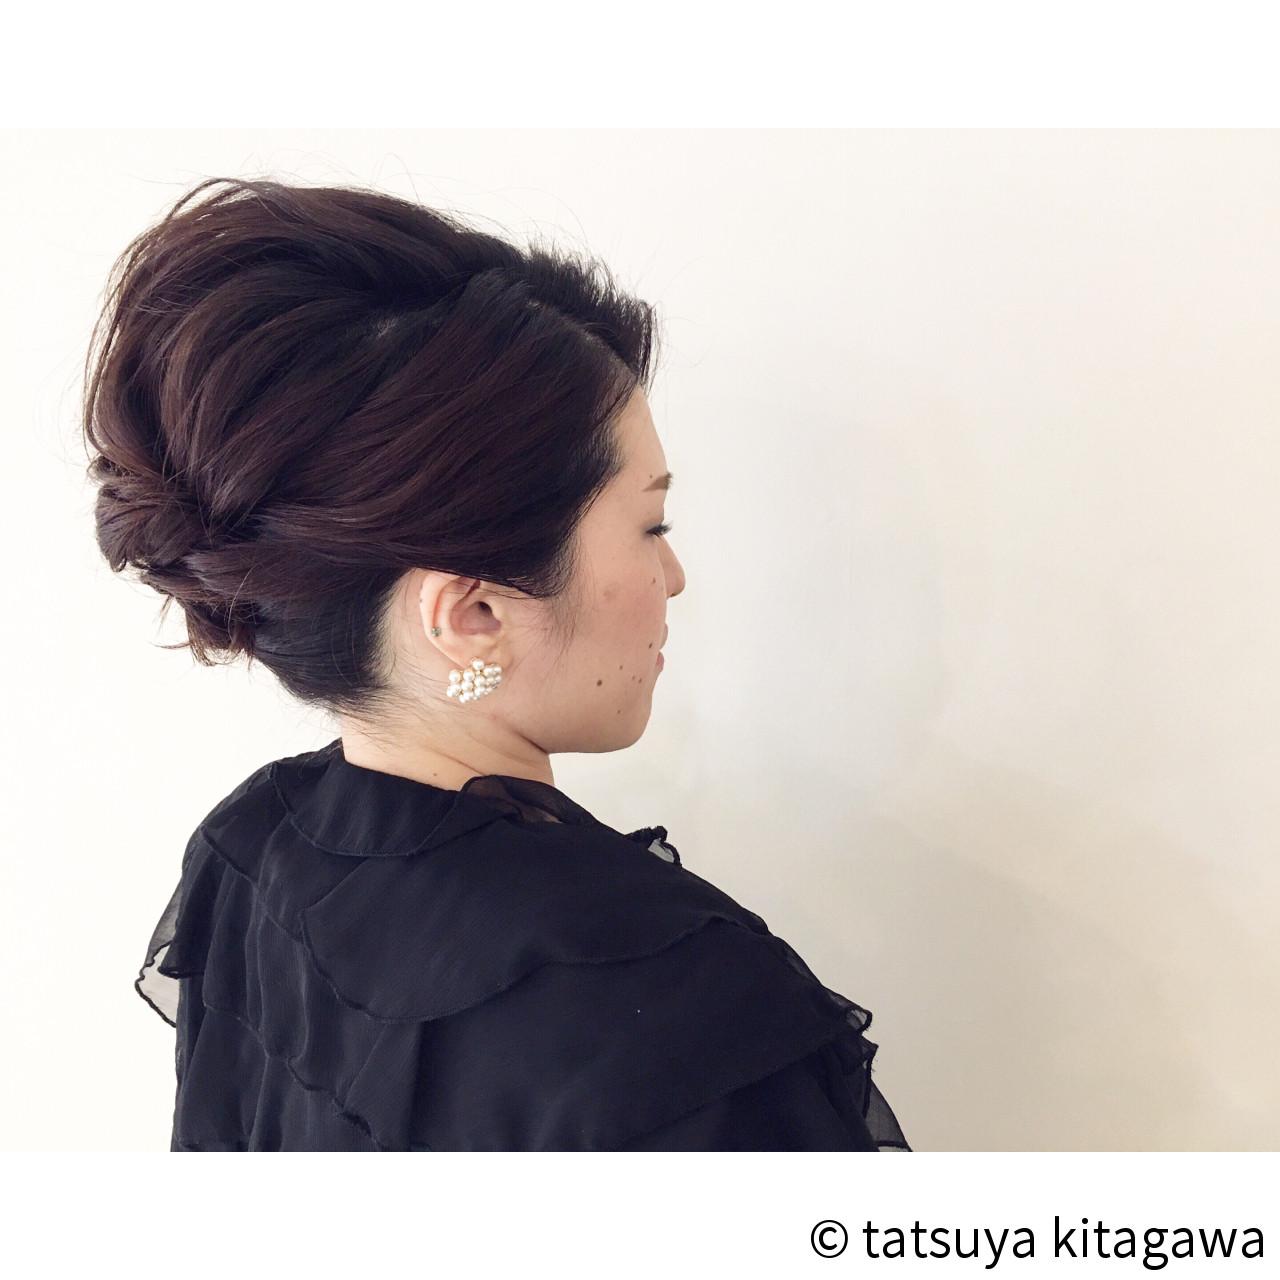 アップスタイル 上品 外国人風 ヘアアレンジ ヘアスタイルや髪型の写真・画像